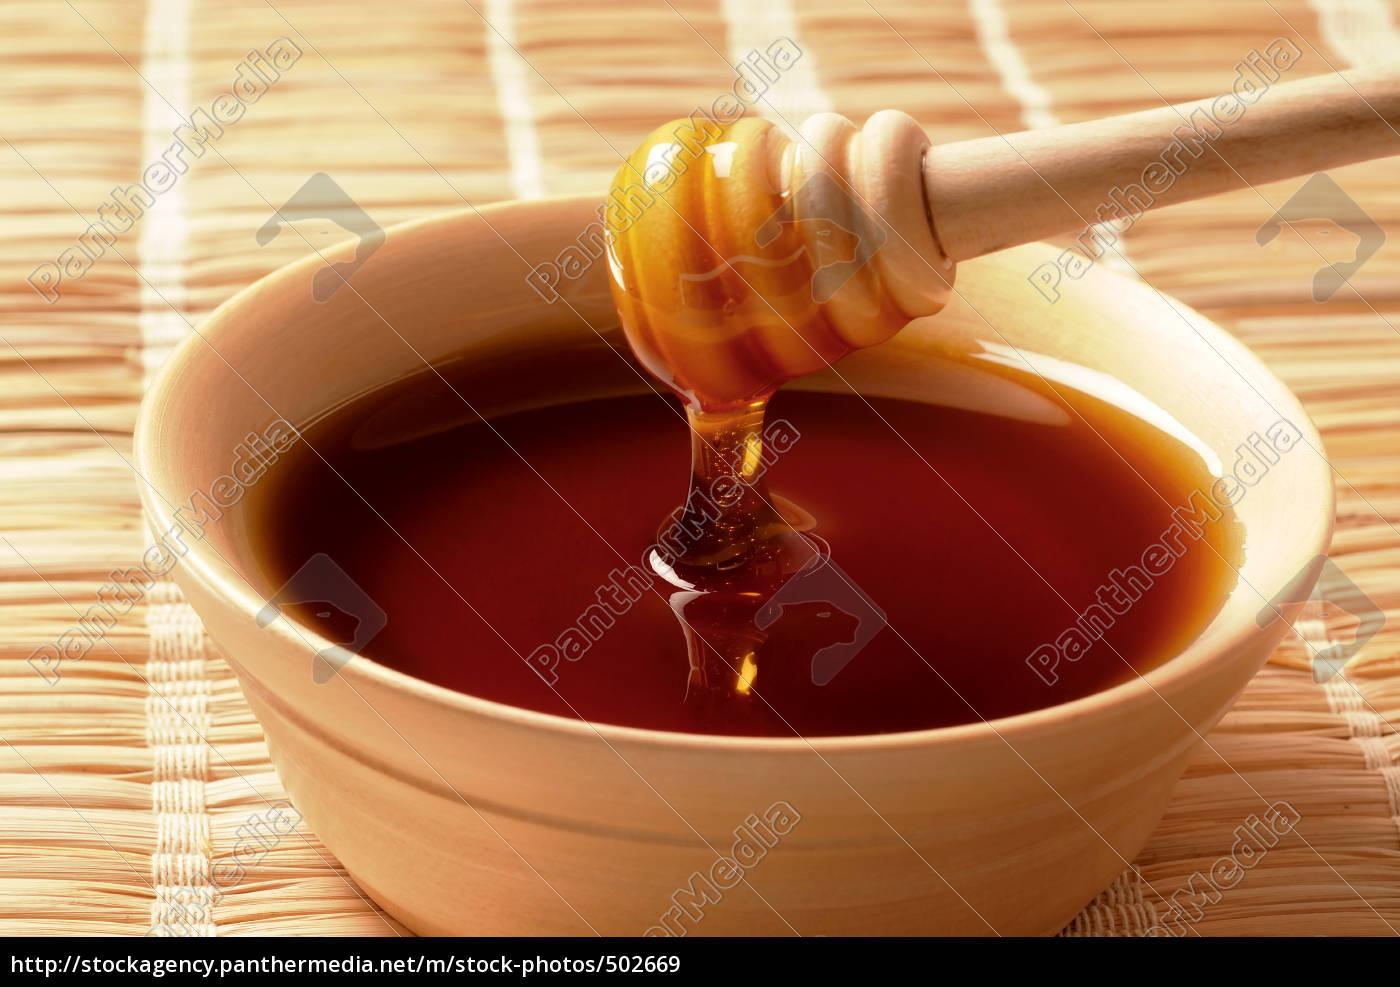 honey - 502669